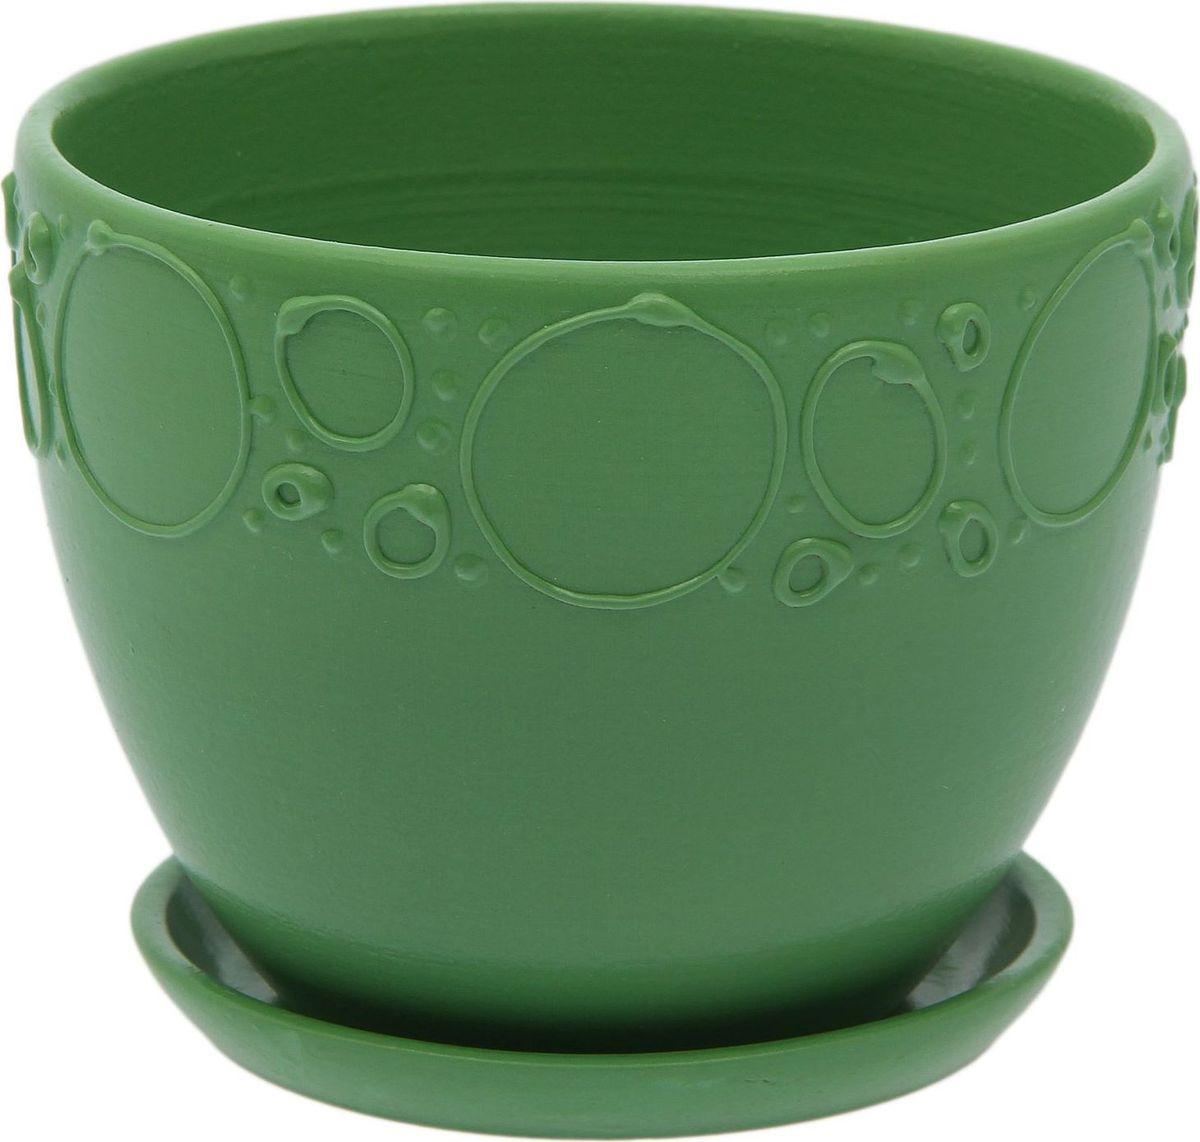 Кашпо Пузыри, цвет: зеленый, 0,8 лПВЛ 1,5 БЕЛКомнатные растения — всеобщие любимцы. Они радуют глаз, насыщают помещение кислородом и украшают пространство. Каждому из них необходим свой удобный и красивый дом. Кашпо из керамики прекрасно подходят для высадки растений: за счёт пластичности глины и разных способов обработки существует великое множество форм и дизайновпористый материал позволяет испаряться лишней влагевоздух, необходимый для дыхания корней, проникает сквозь керамические стенки! #name# позаботится о зелёном питомце, освежит интерьер и подчеркнёт его стиль.